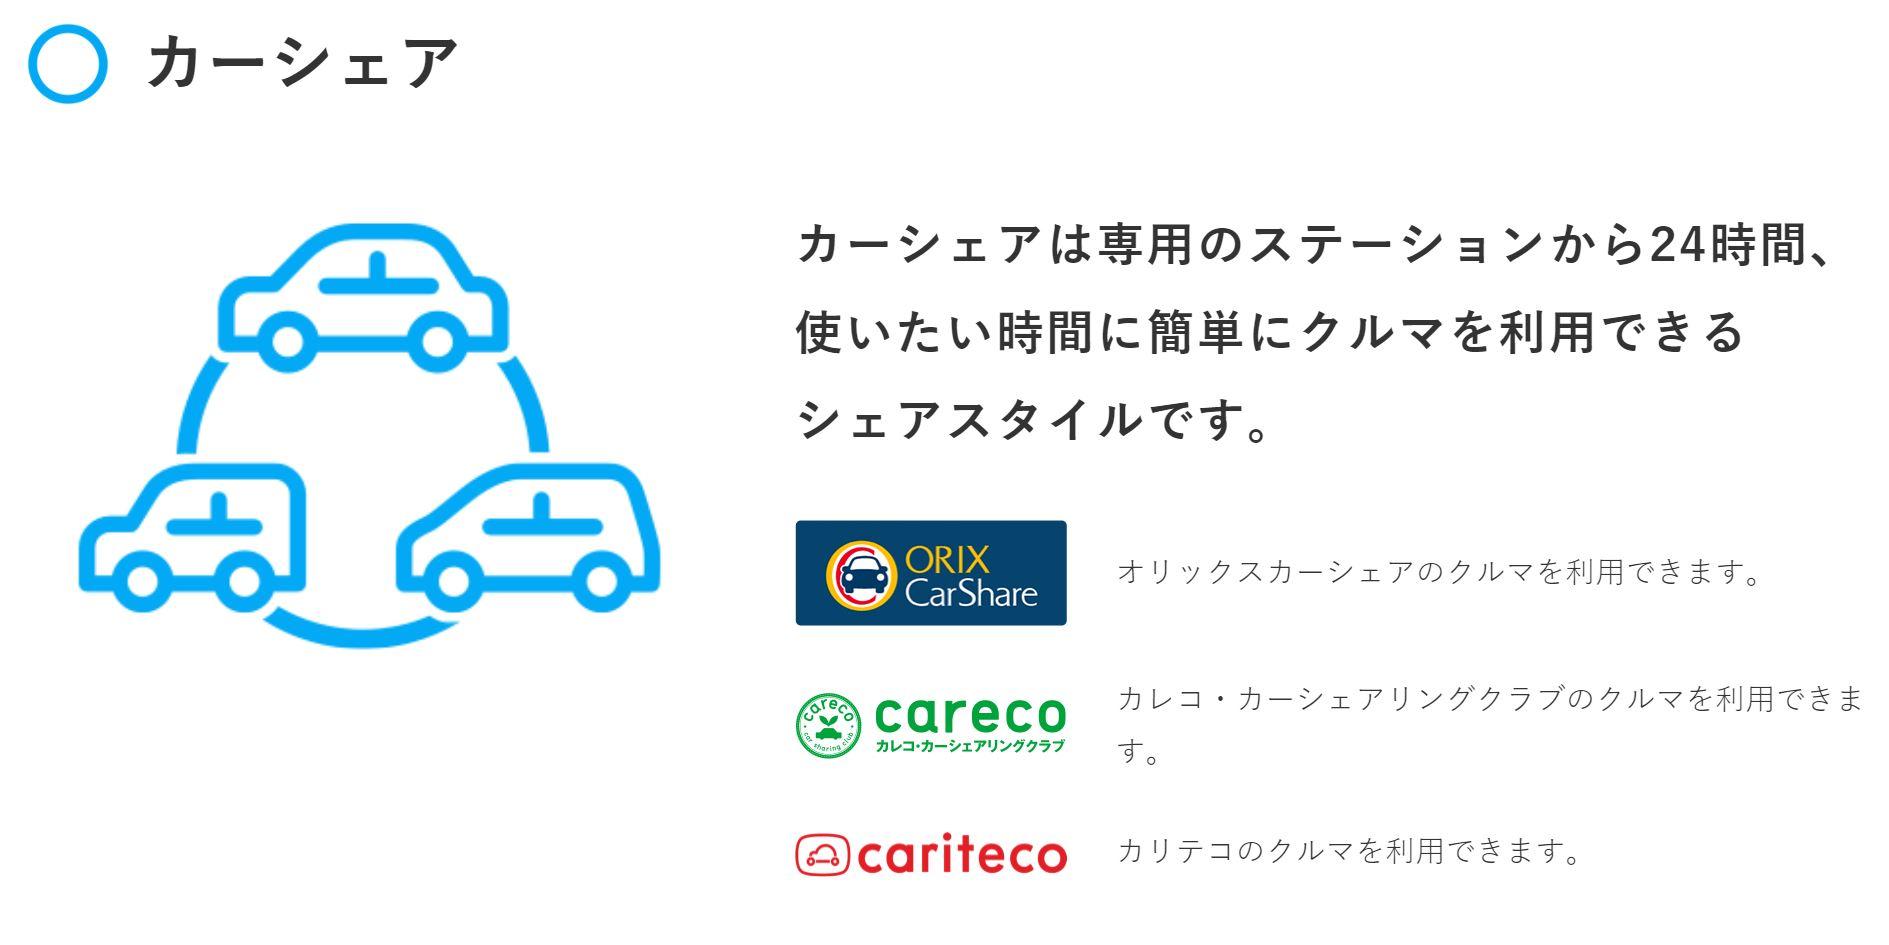 d-car-share3社